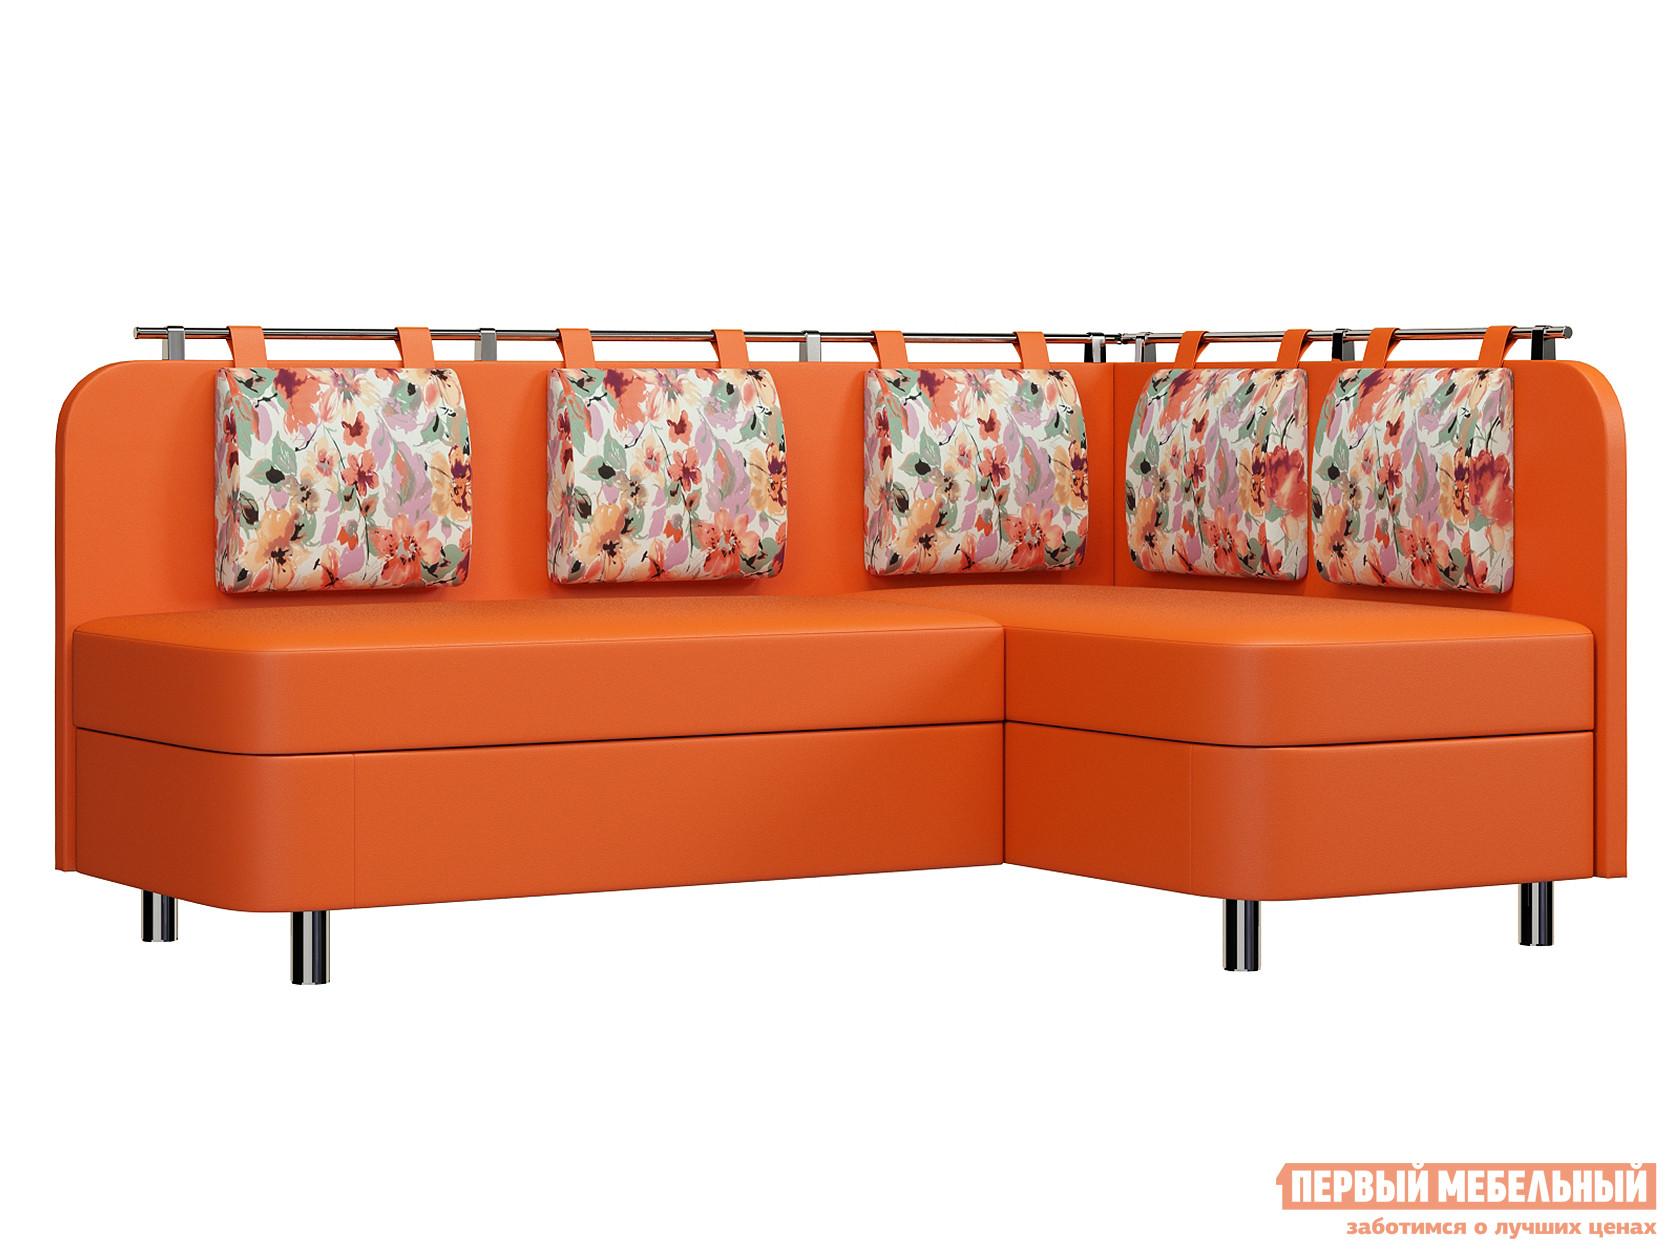 Кухонный уголок  Лагуна М1 Оранжевый кожзам / Akvarel 03